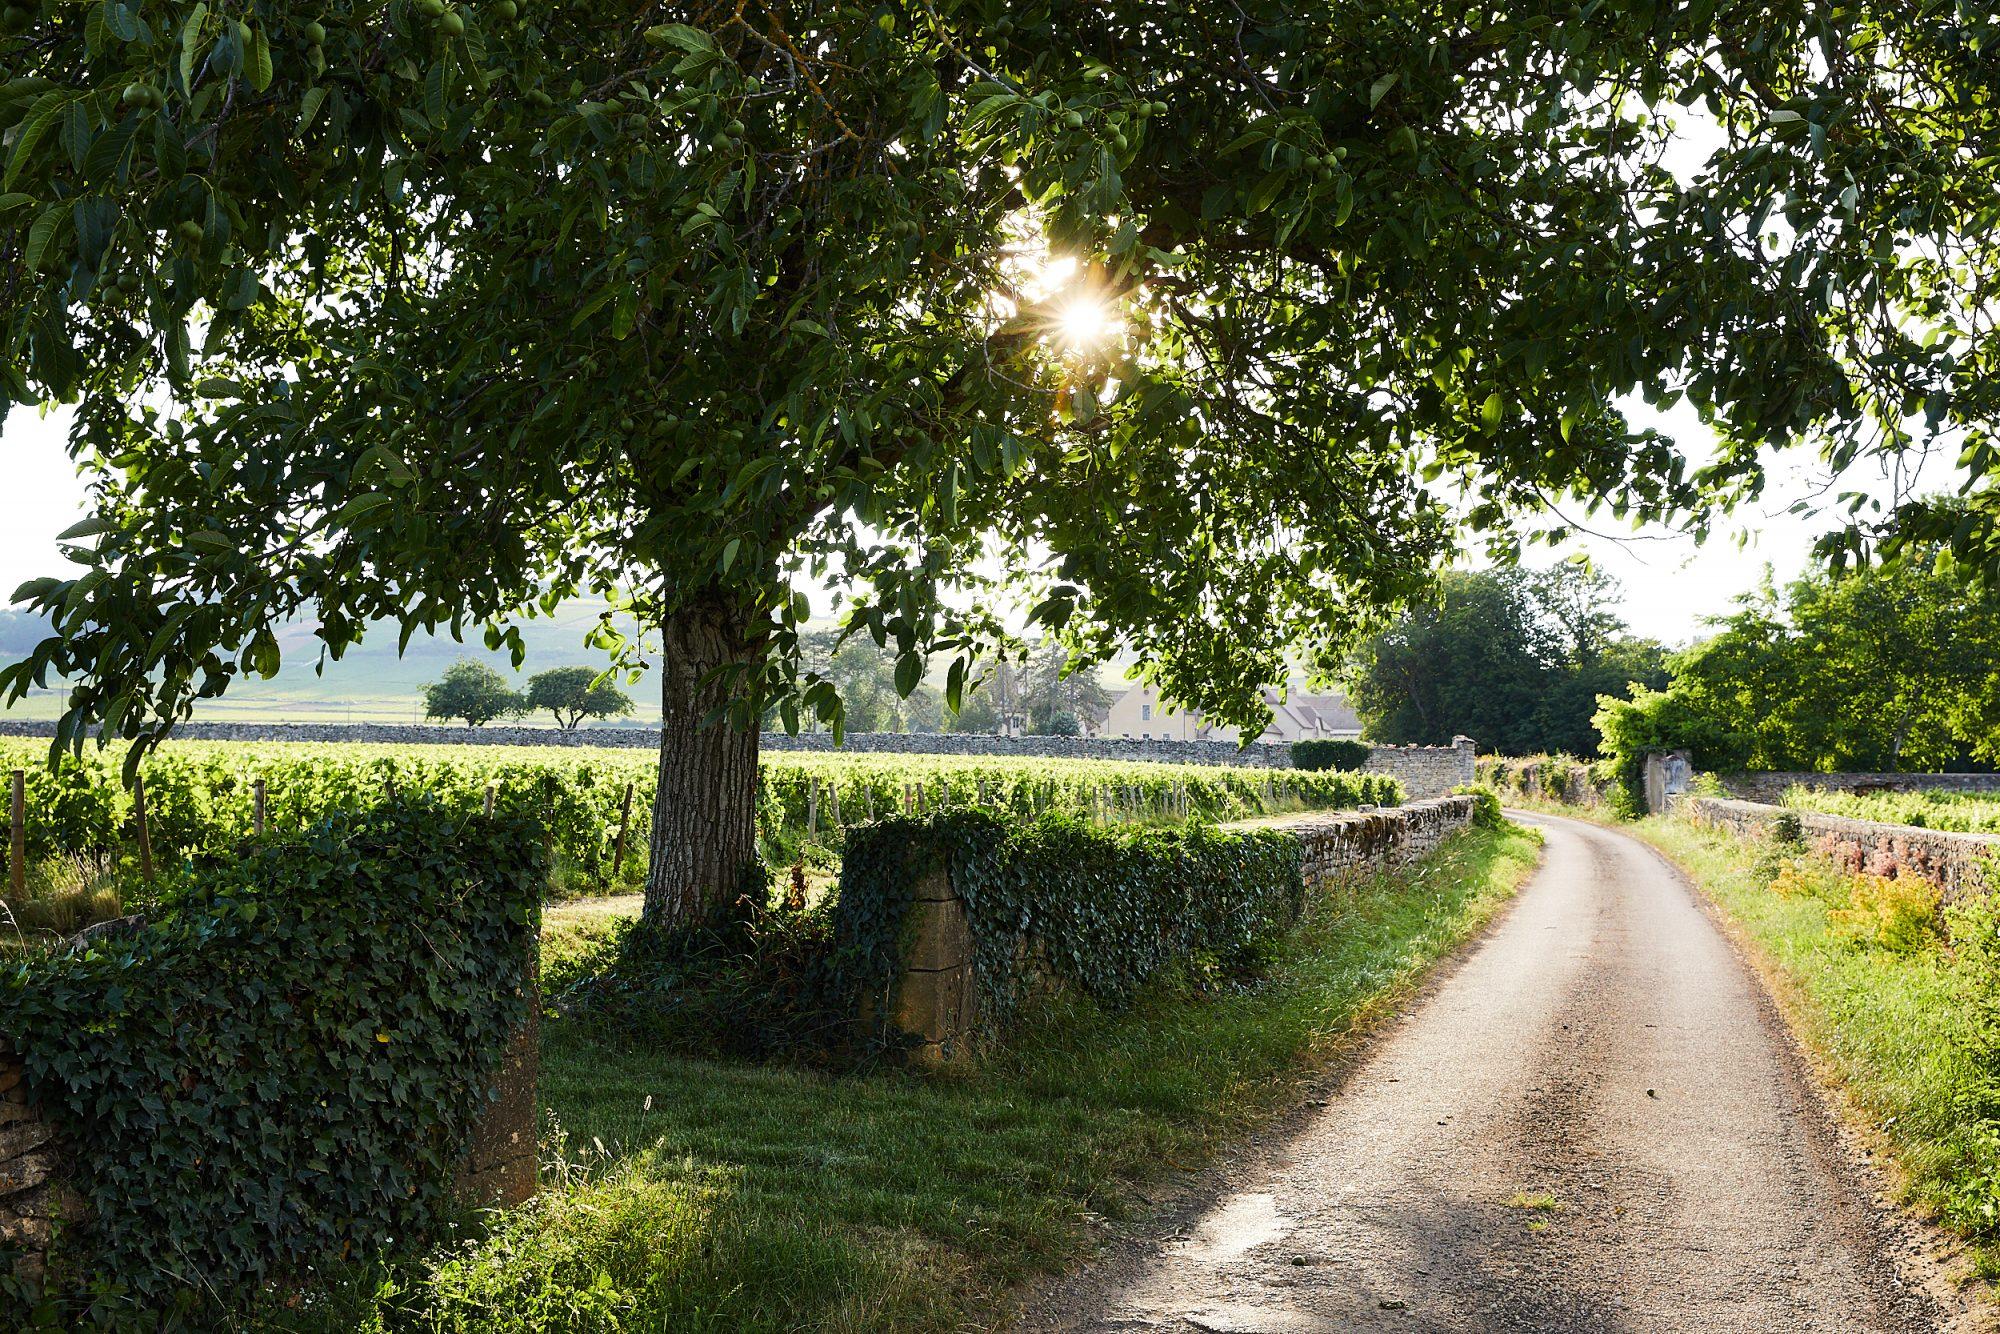 Chateau_de_Pommard_Landscapes_169